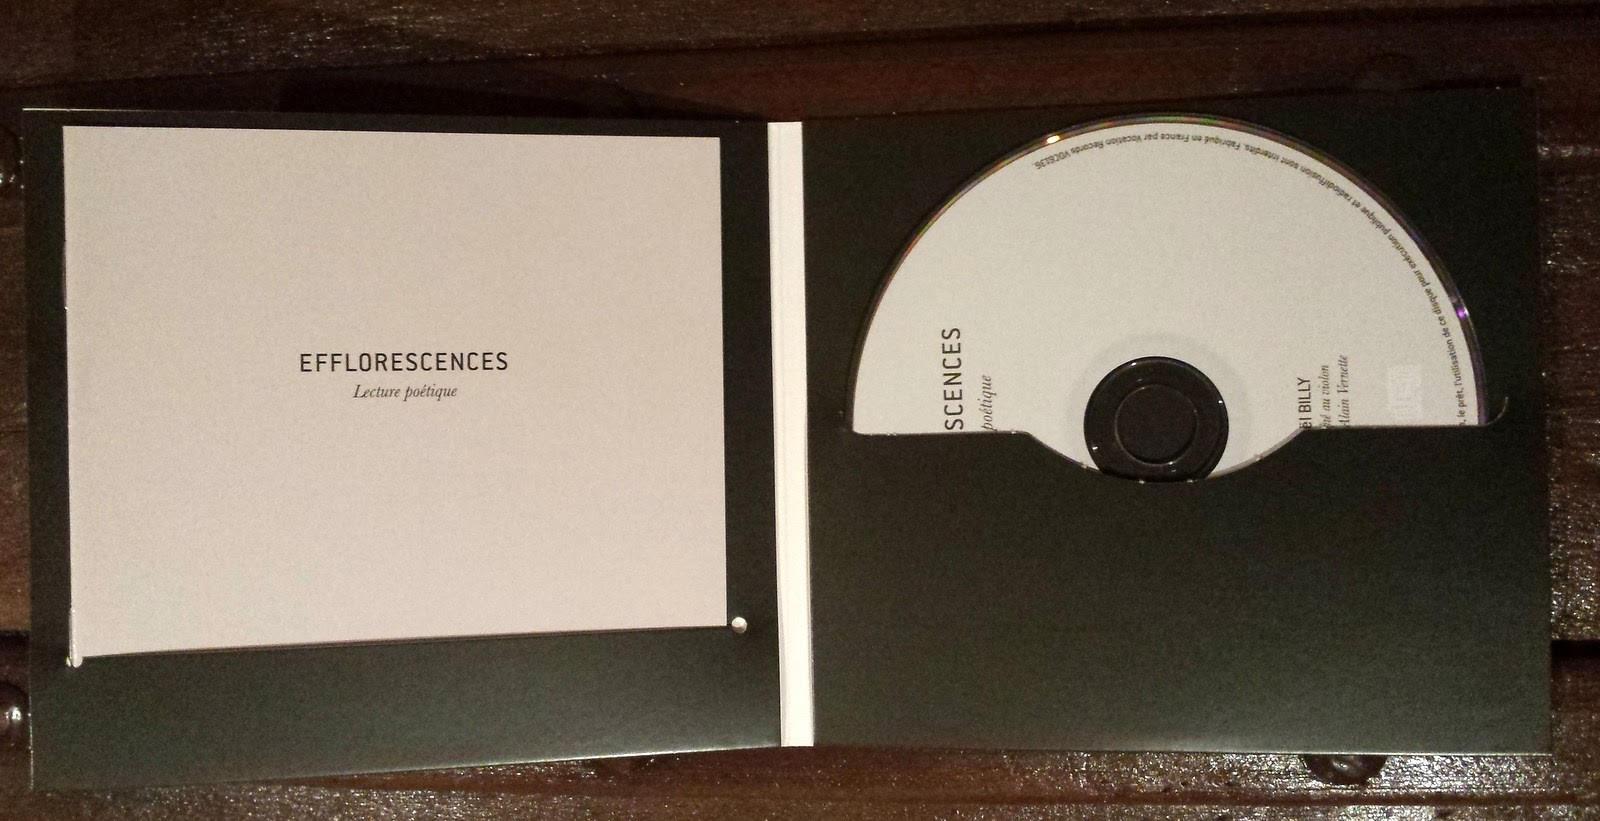 Interieur cd efflorescences